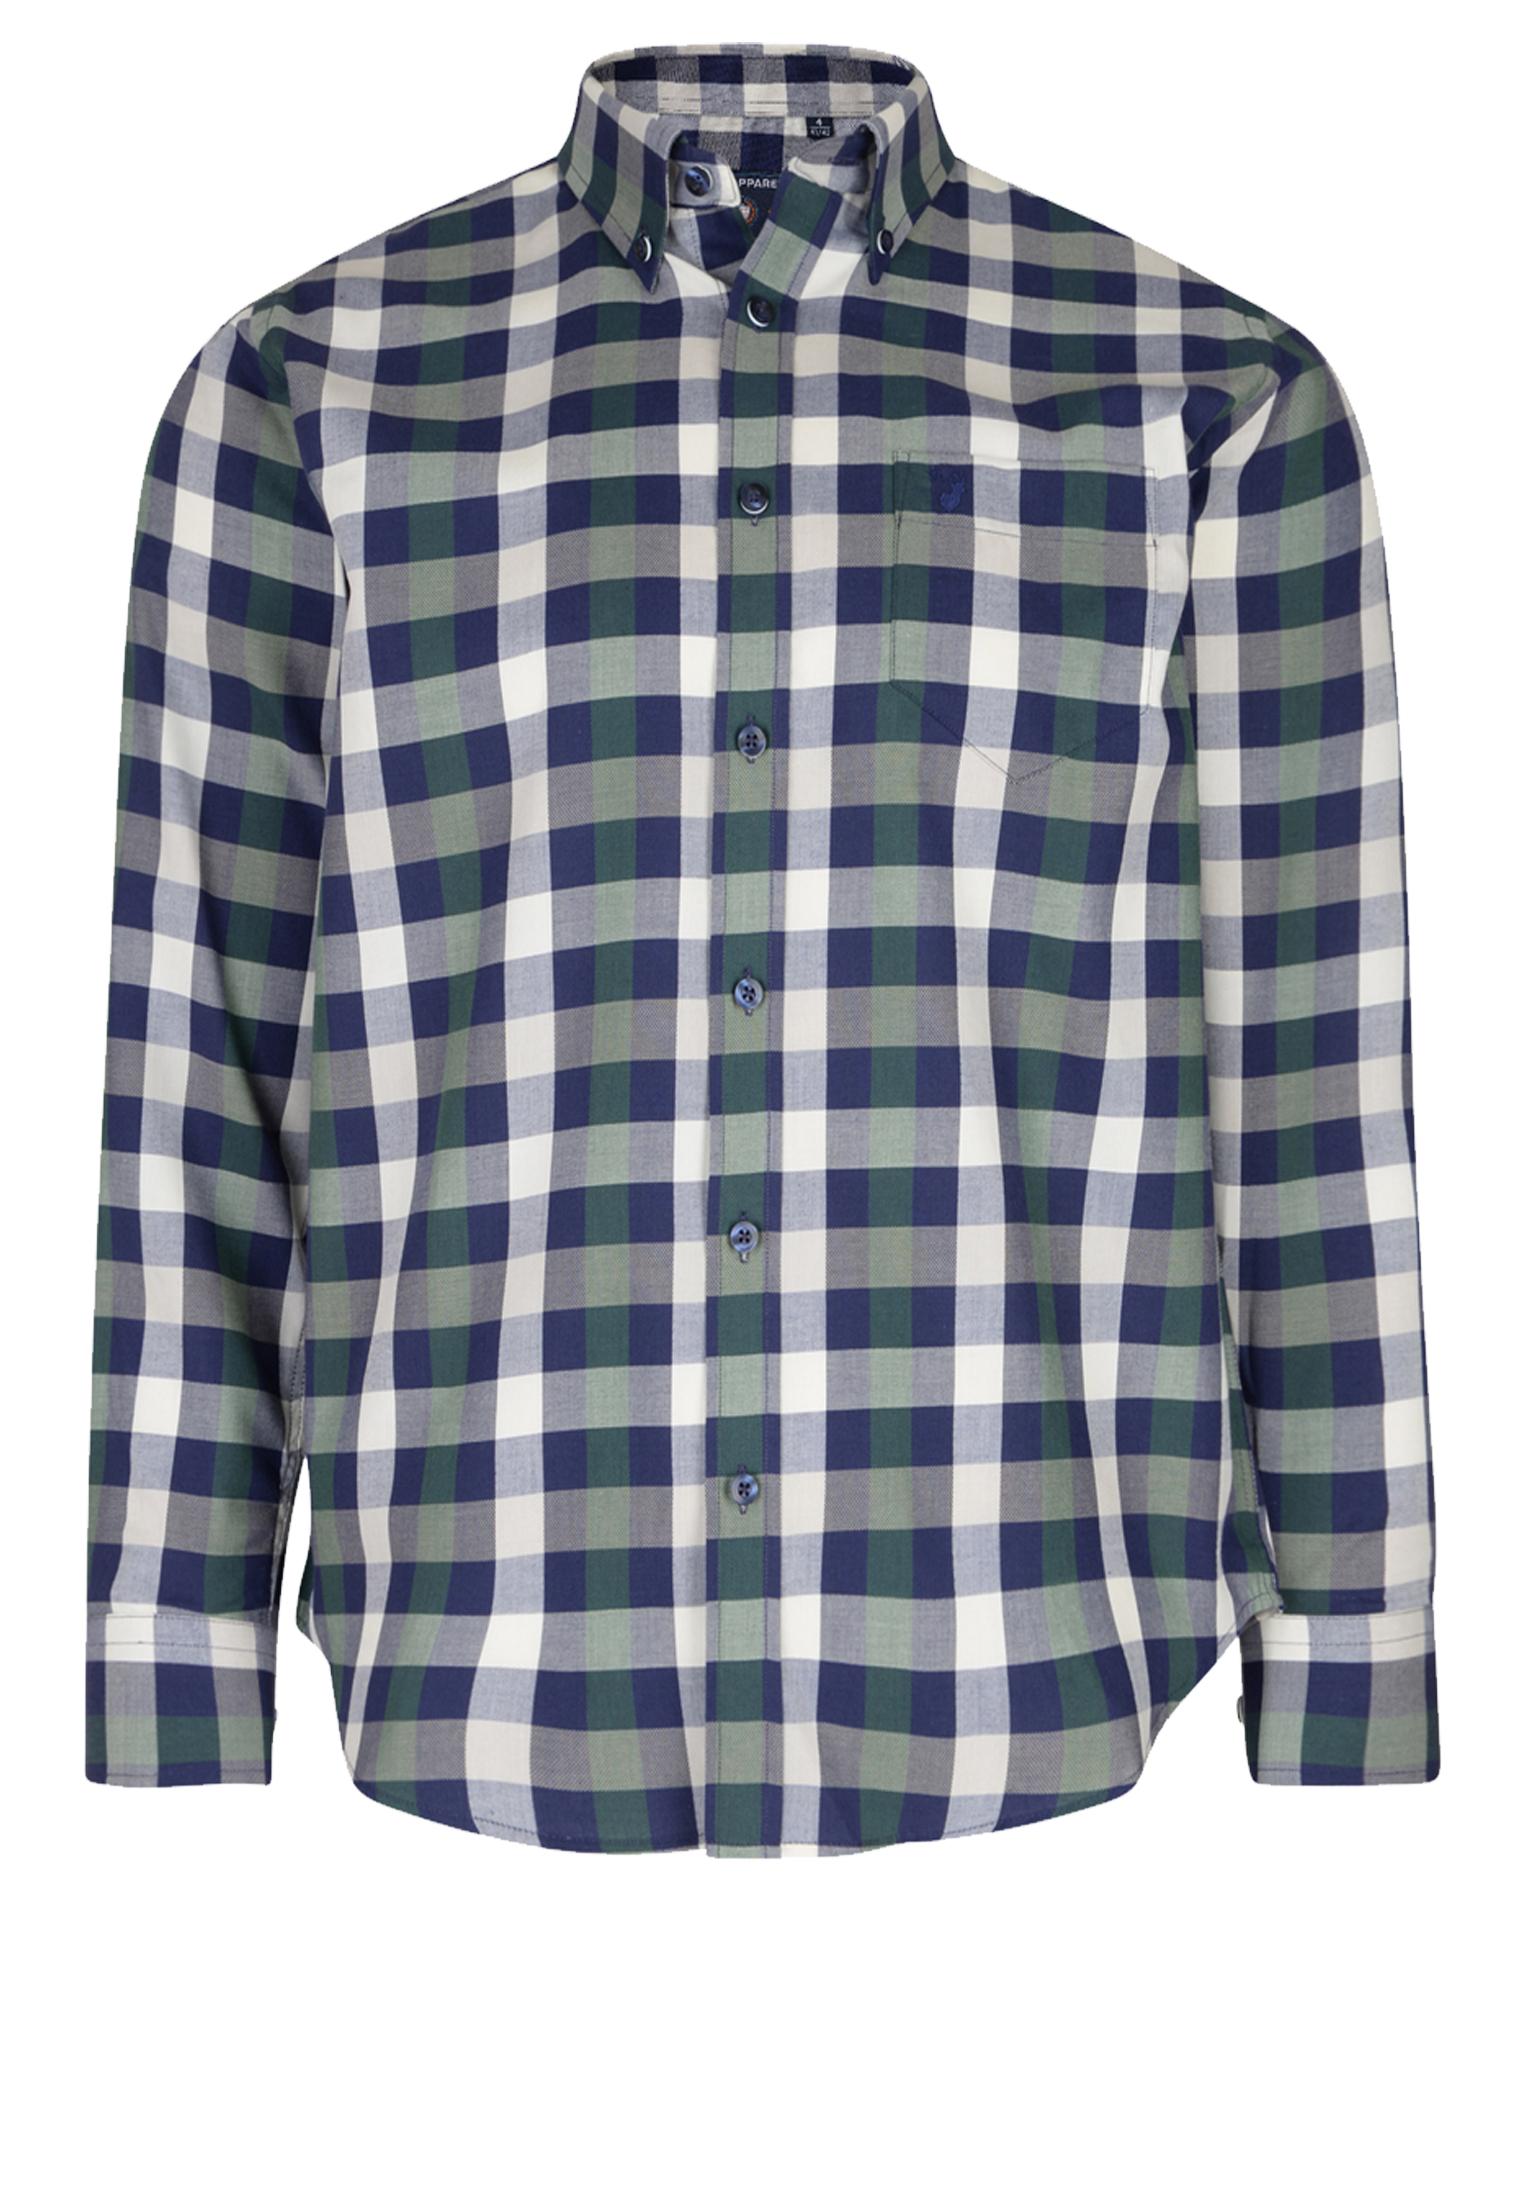 Geruit overhemd van Casa Moda met button down kraag, met zakje op de linker borst. Het shirt heeft een ruit in de kleuren donkerblauw, groen en wit Het overhemd is rond afgezoomd. Erg leuk overhemd om bijvoorbeeld casual te dragen.